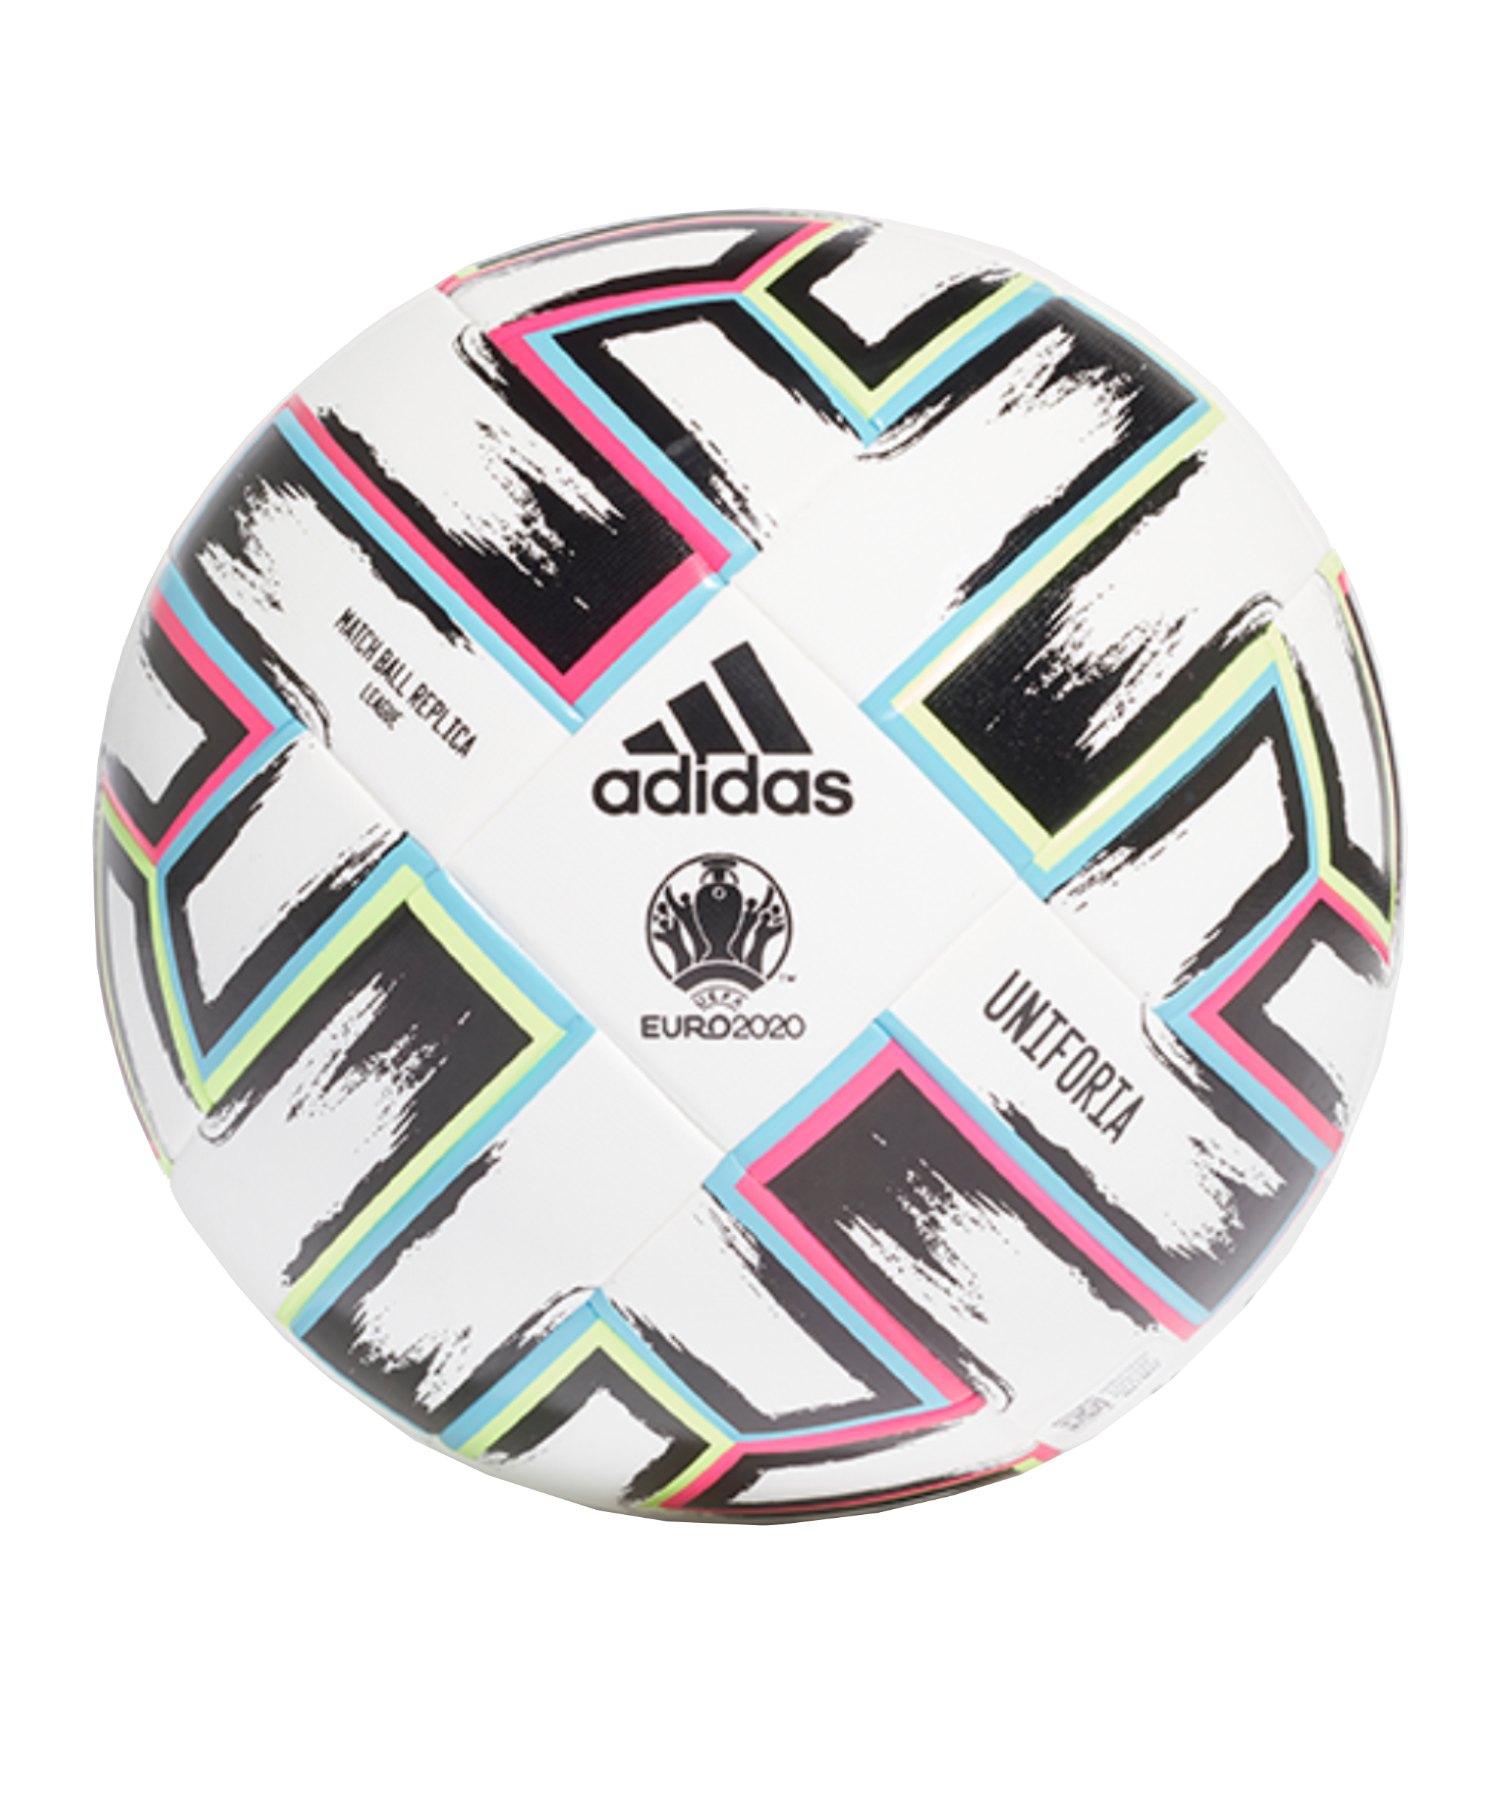 adidas LGE Uniforia Trainingsball Weiss Schwarz - weiss